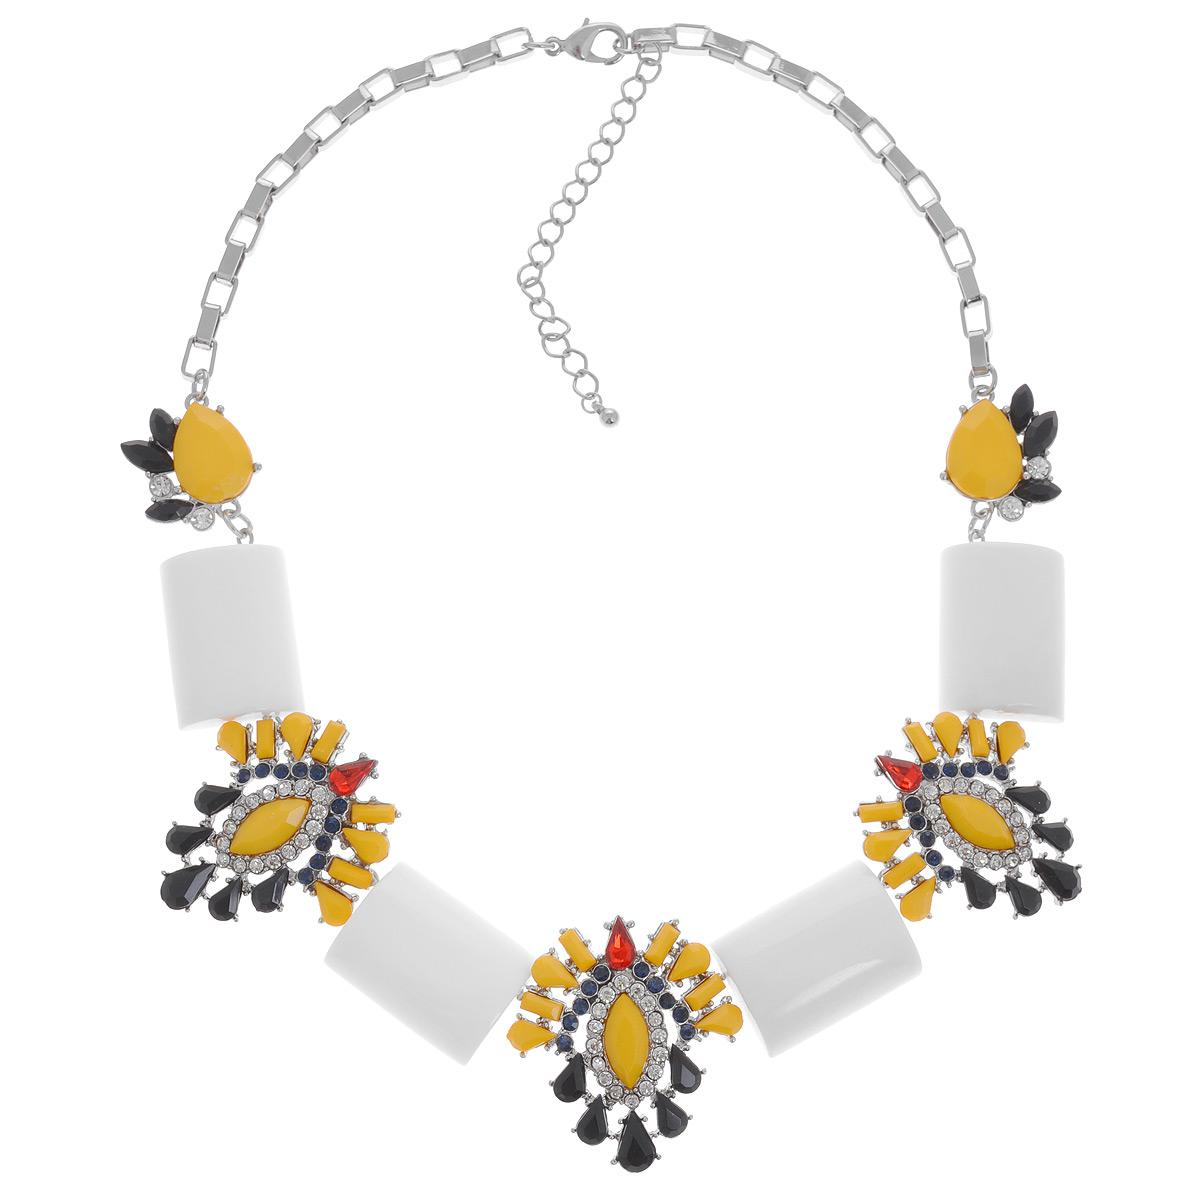 Колье Avgad, цвет: белый, желтый, черный. H-477S827H-477S847Оригинальное колье Avgad выполнено в виде девяти оригинальных элементов из ювелирного сплава, соединенных между собой, и дополненных оригинальной цепочкой. Три центральных фигурных элемента колье оформлены в едином стиле и дополнены разноцветными камнями из стекла и акрила. Колье застегивается на практичный замок-карабин, длина изделия регулируется за счет дополнительных звеньев в цепочке. Такое колье позволит вам с легкостью воплотить самую смелую фантазию и создать собственный, неповторимый образ.